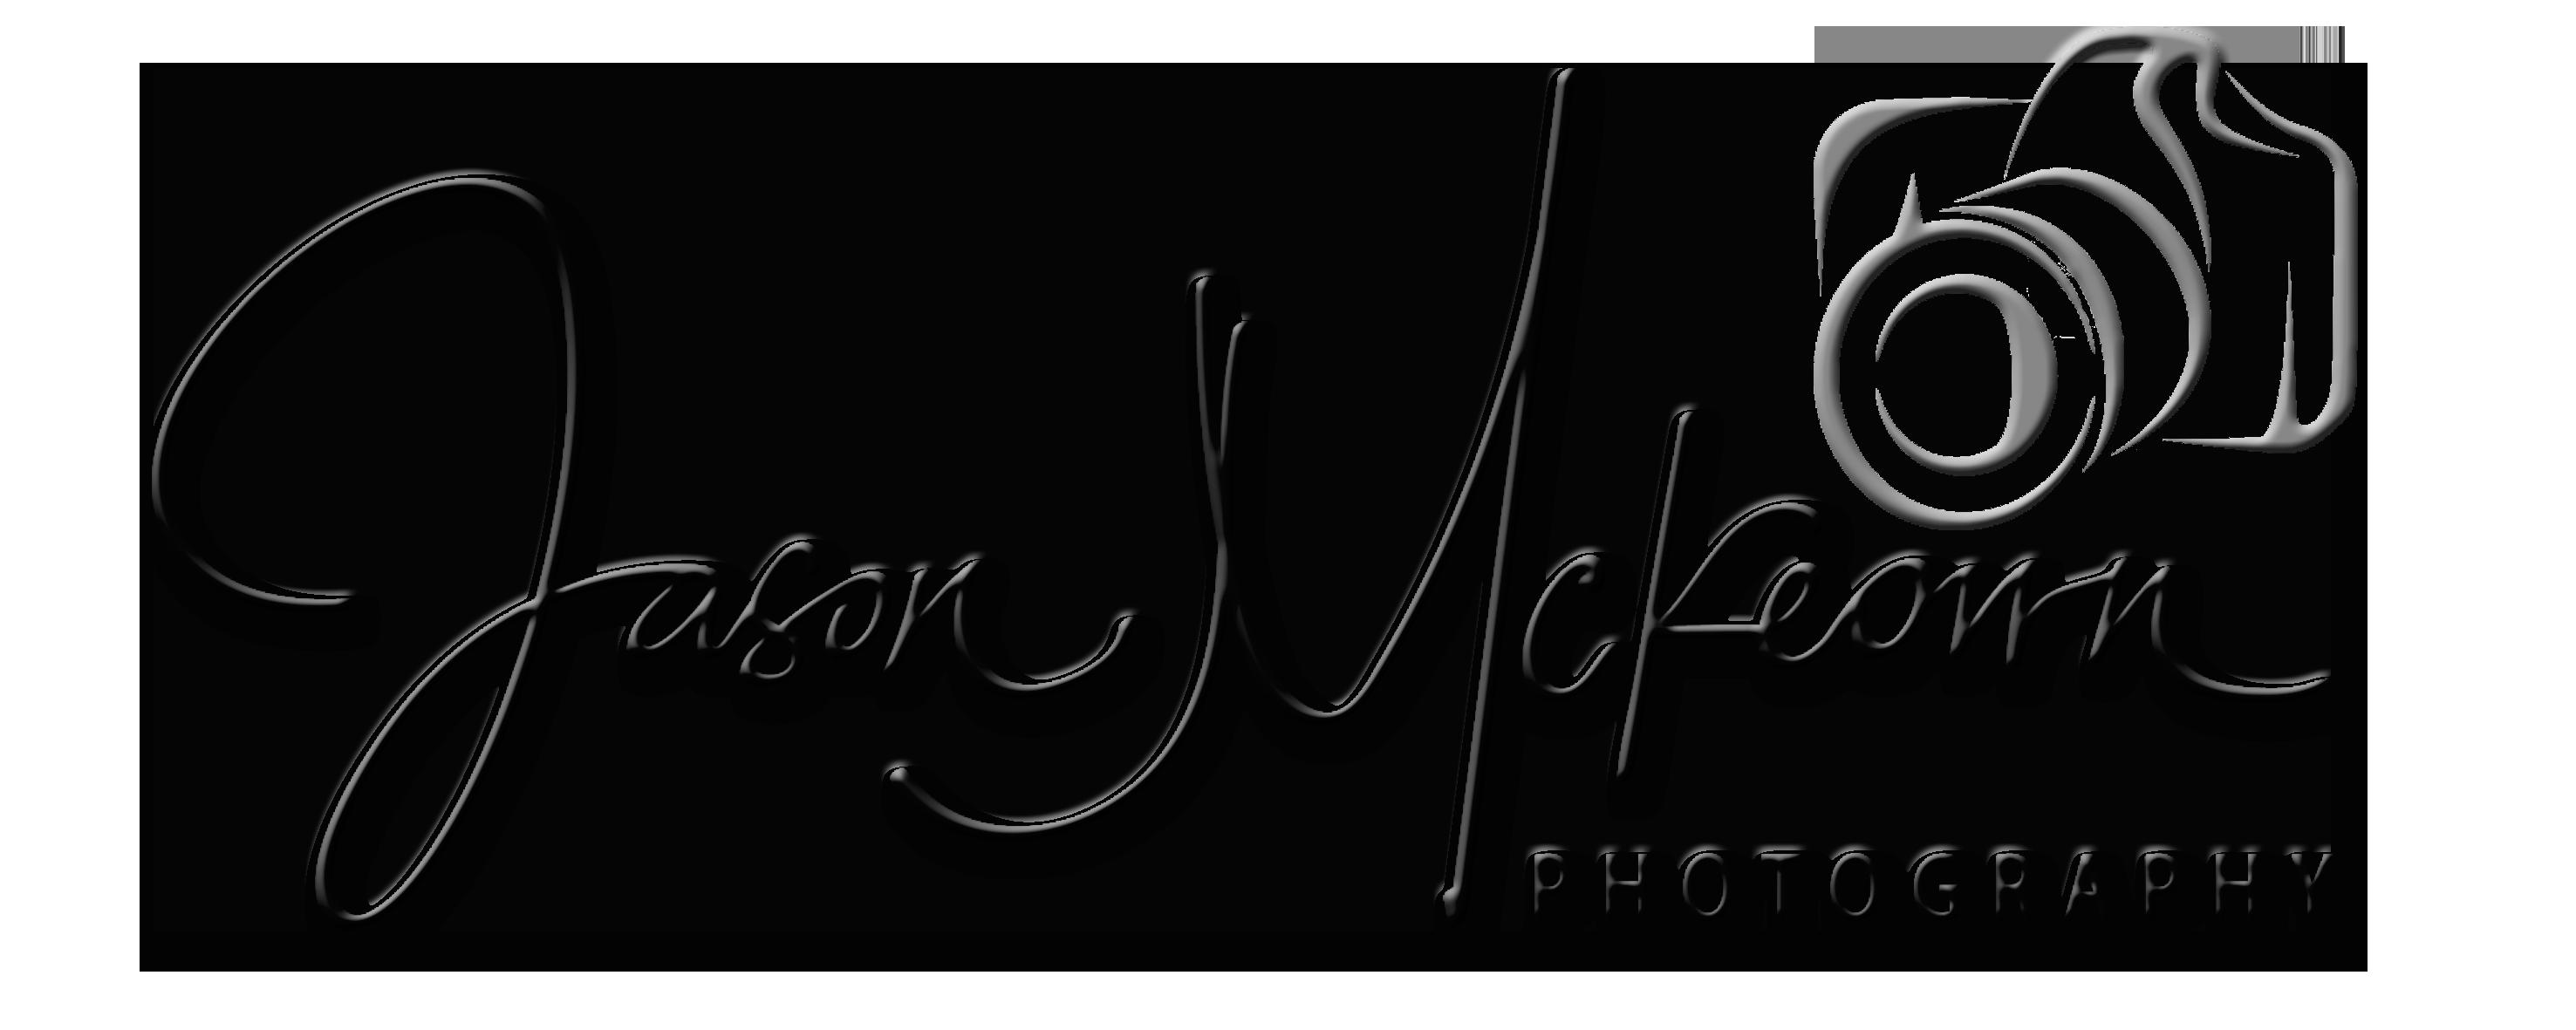 Jason Mckeown